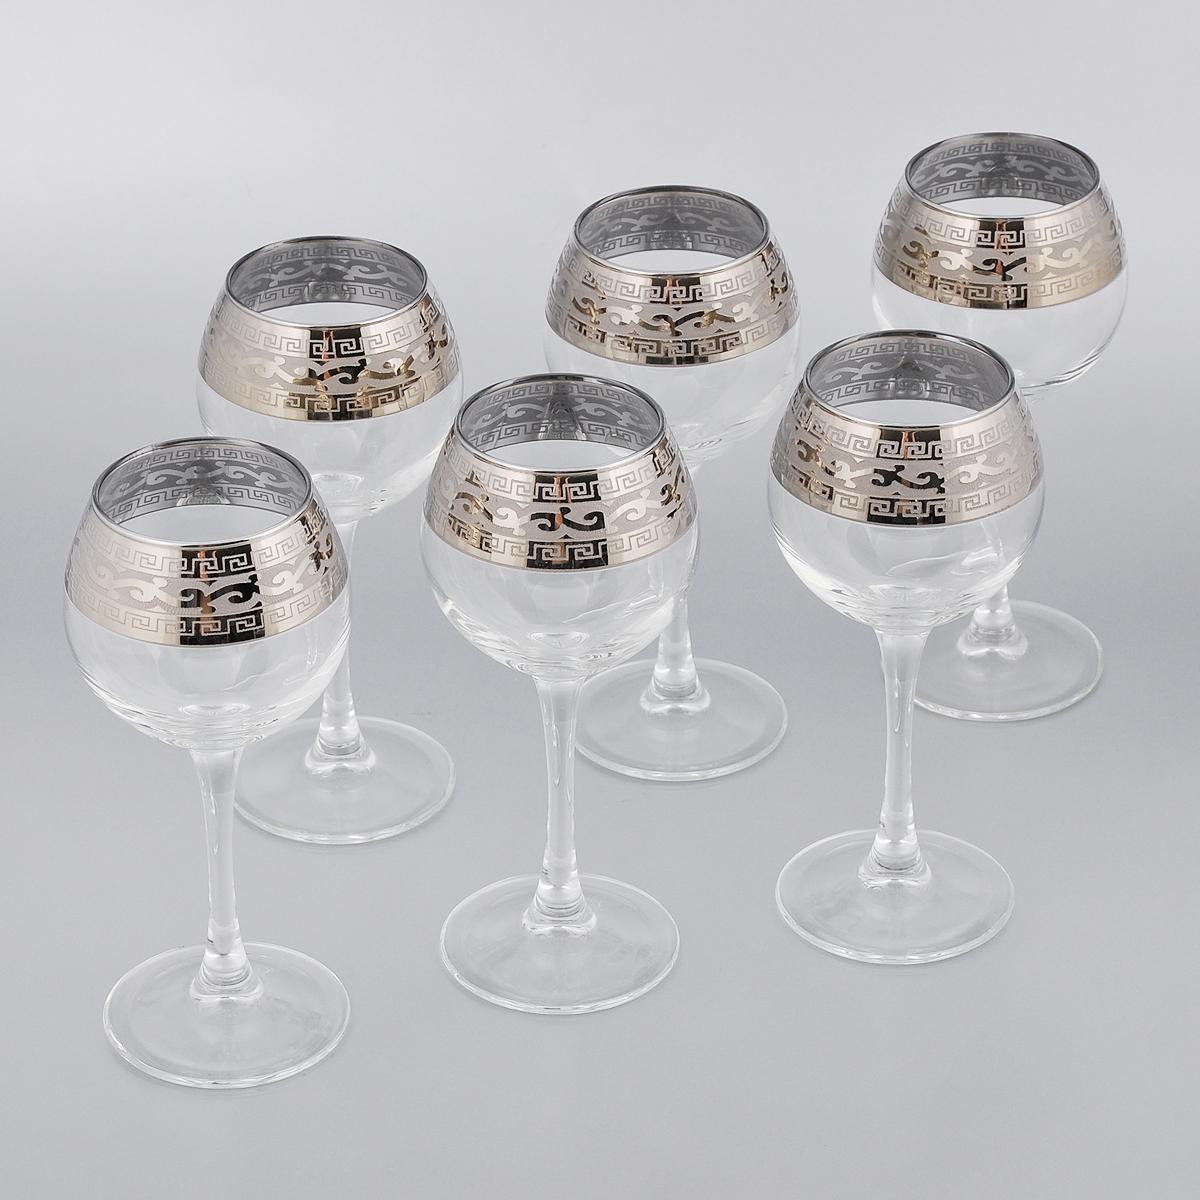 Набор фужеров Гусь-Хрустальный Версаче, 210 мл, 6 штVT-1520(SR)Набор Гусь-Хрустальный Версаче состоит из 6 фужеров для вина на тонких длинных ножках, изготовленных из высококачественного натрий-кальций-силикатного стекла. Изделия оформлены красивым зеркальным покрытием с белым матовым орнаментом. Такой набор прекрасно дополнит праздничный стол и станет желанным подарком в любом доме. Разрешается мыть в посудомоечной машине. Диаметр фужера (по верхнему краю): 5,5 см. Высота фужера: 17,5 см.